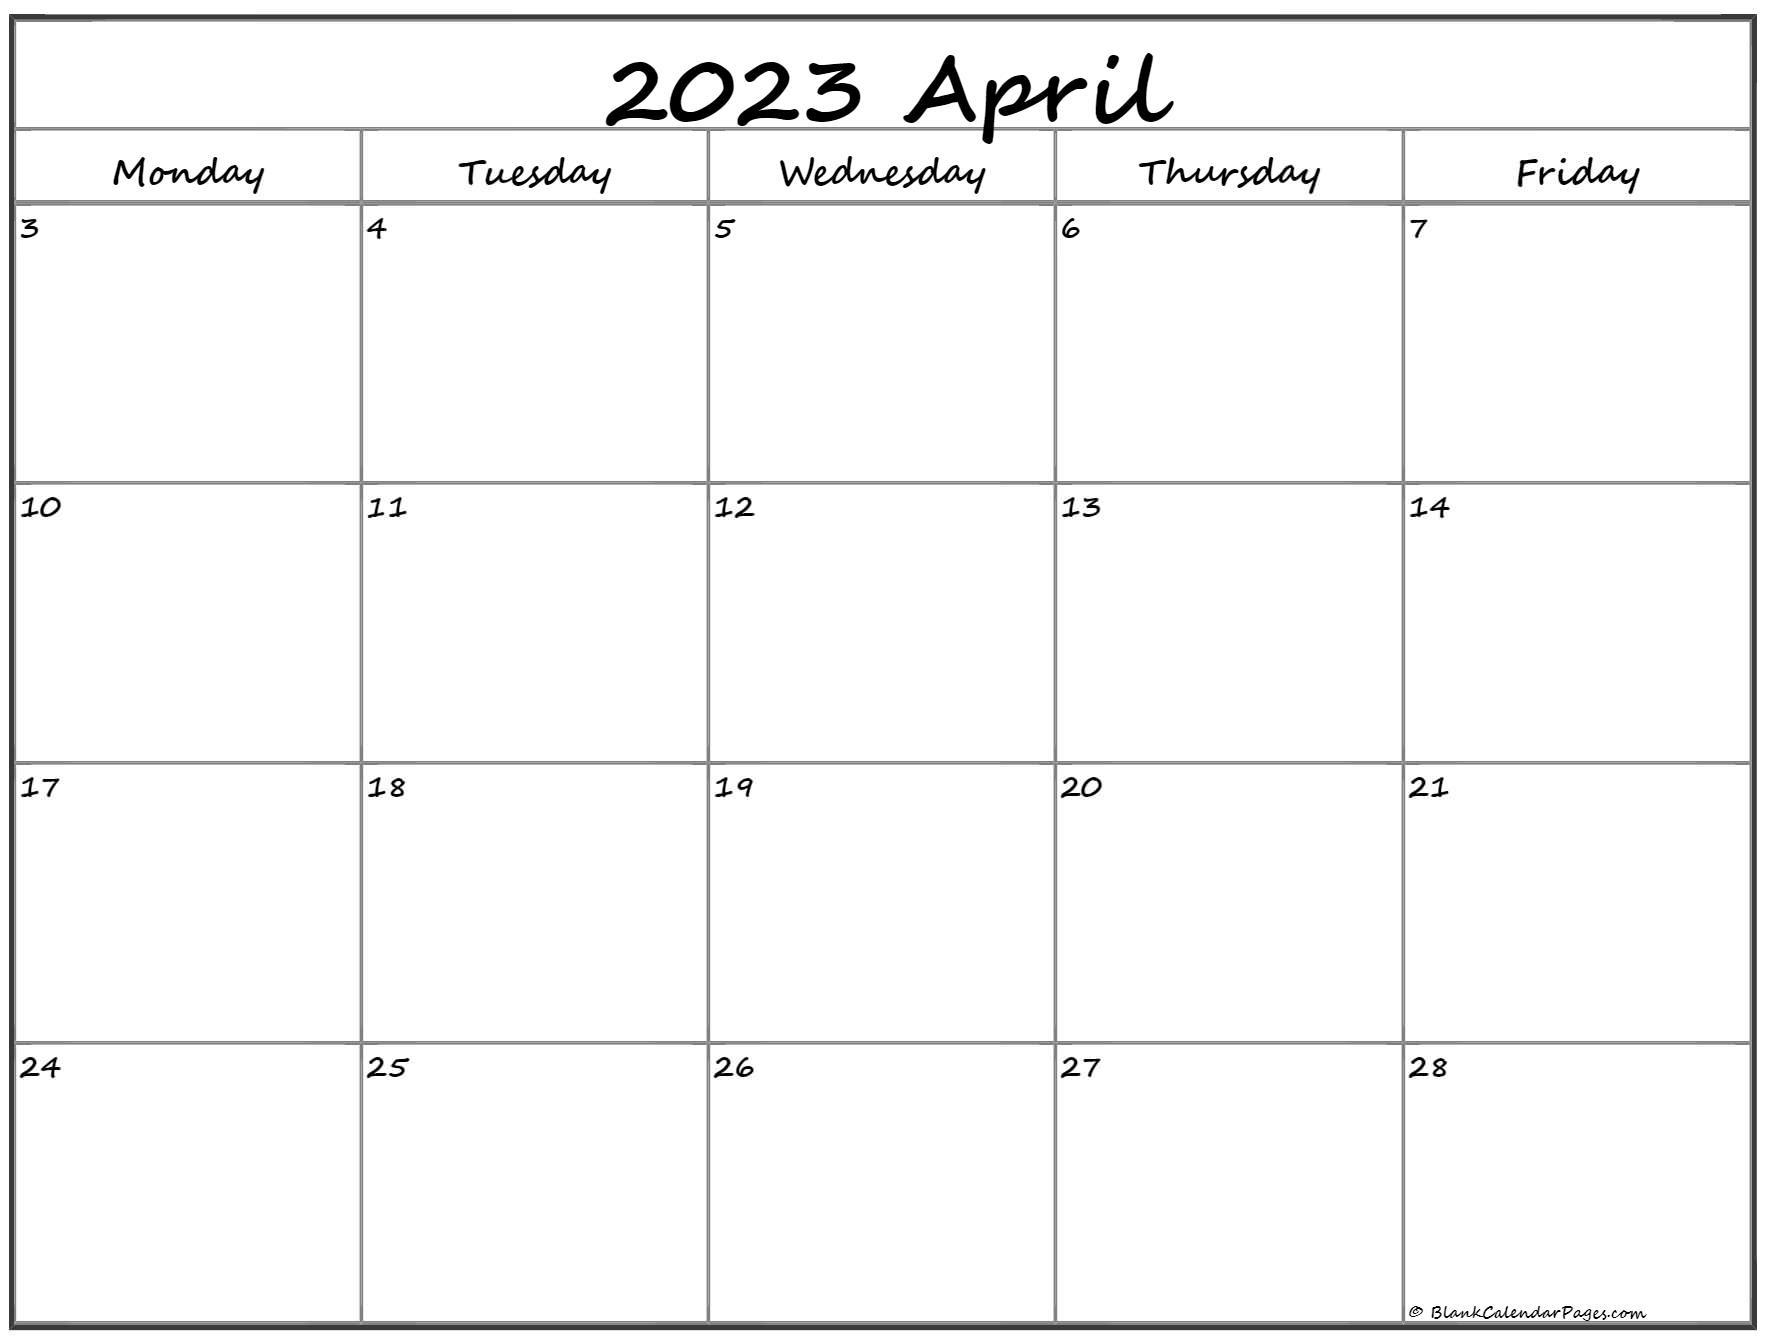 April 2023 Monday Calendar